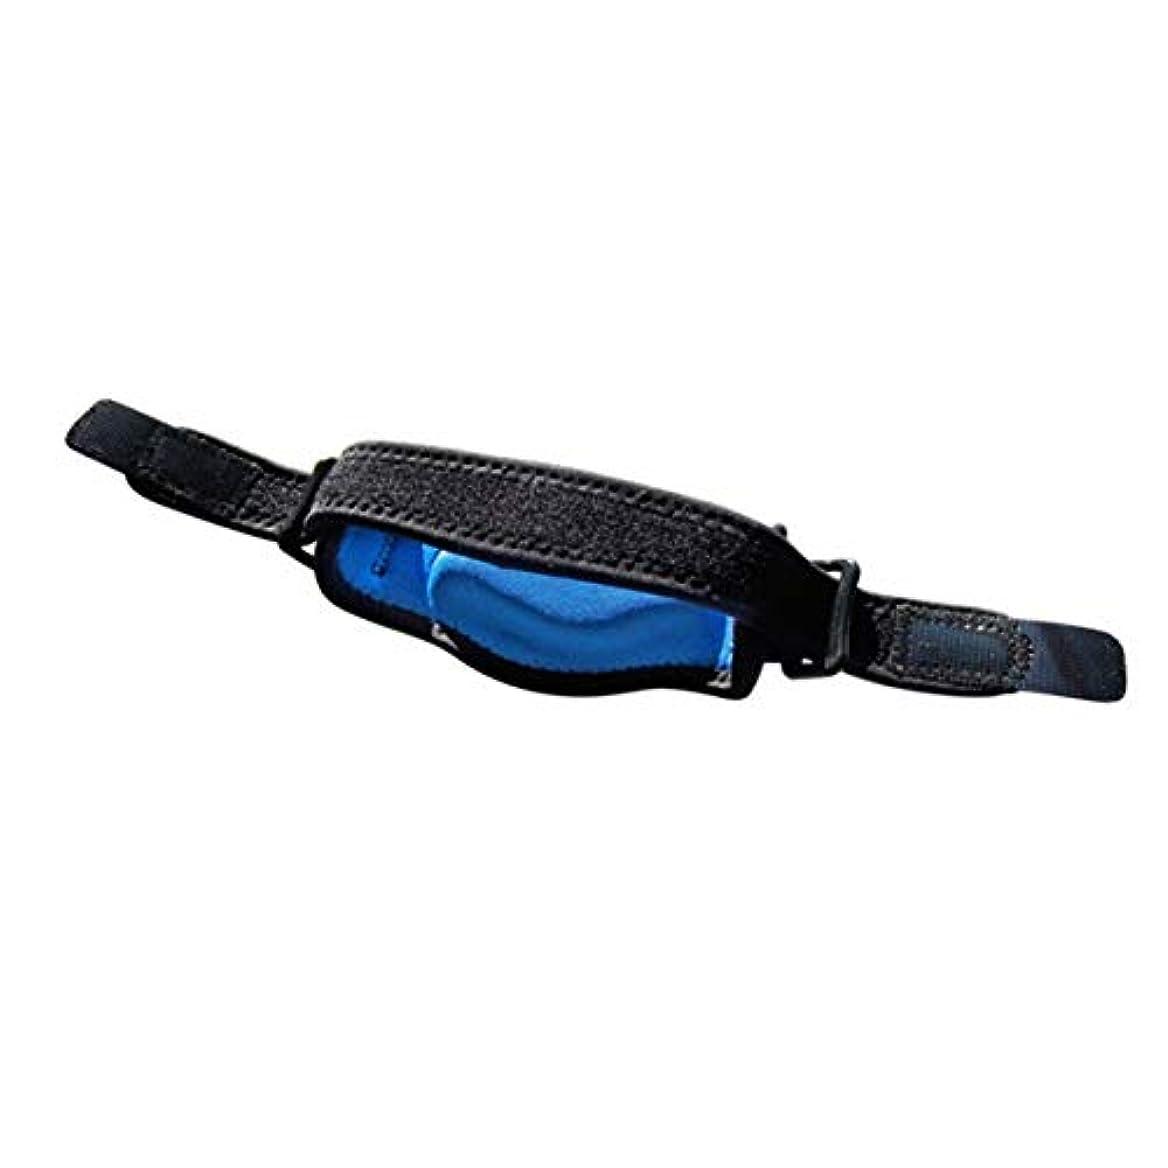 走るエンジンフラスコ調節可能なテニス肘サポートストラップブレースゴルフ前腕痛み緩和